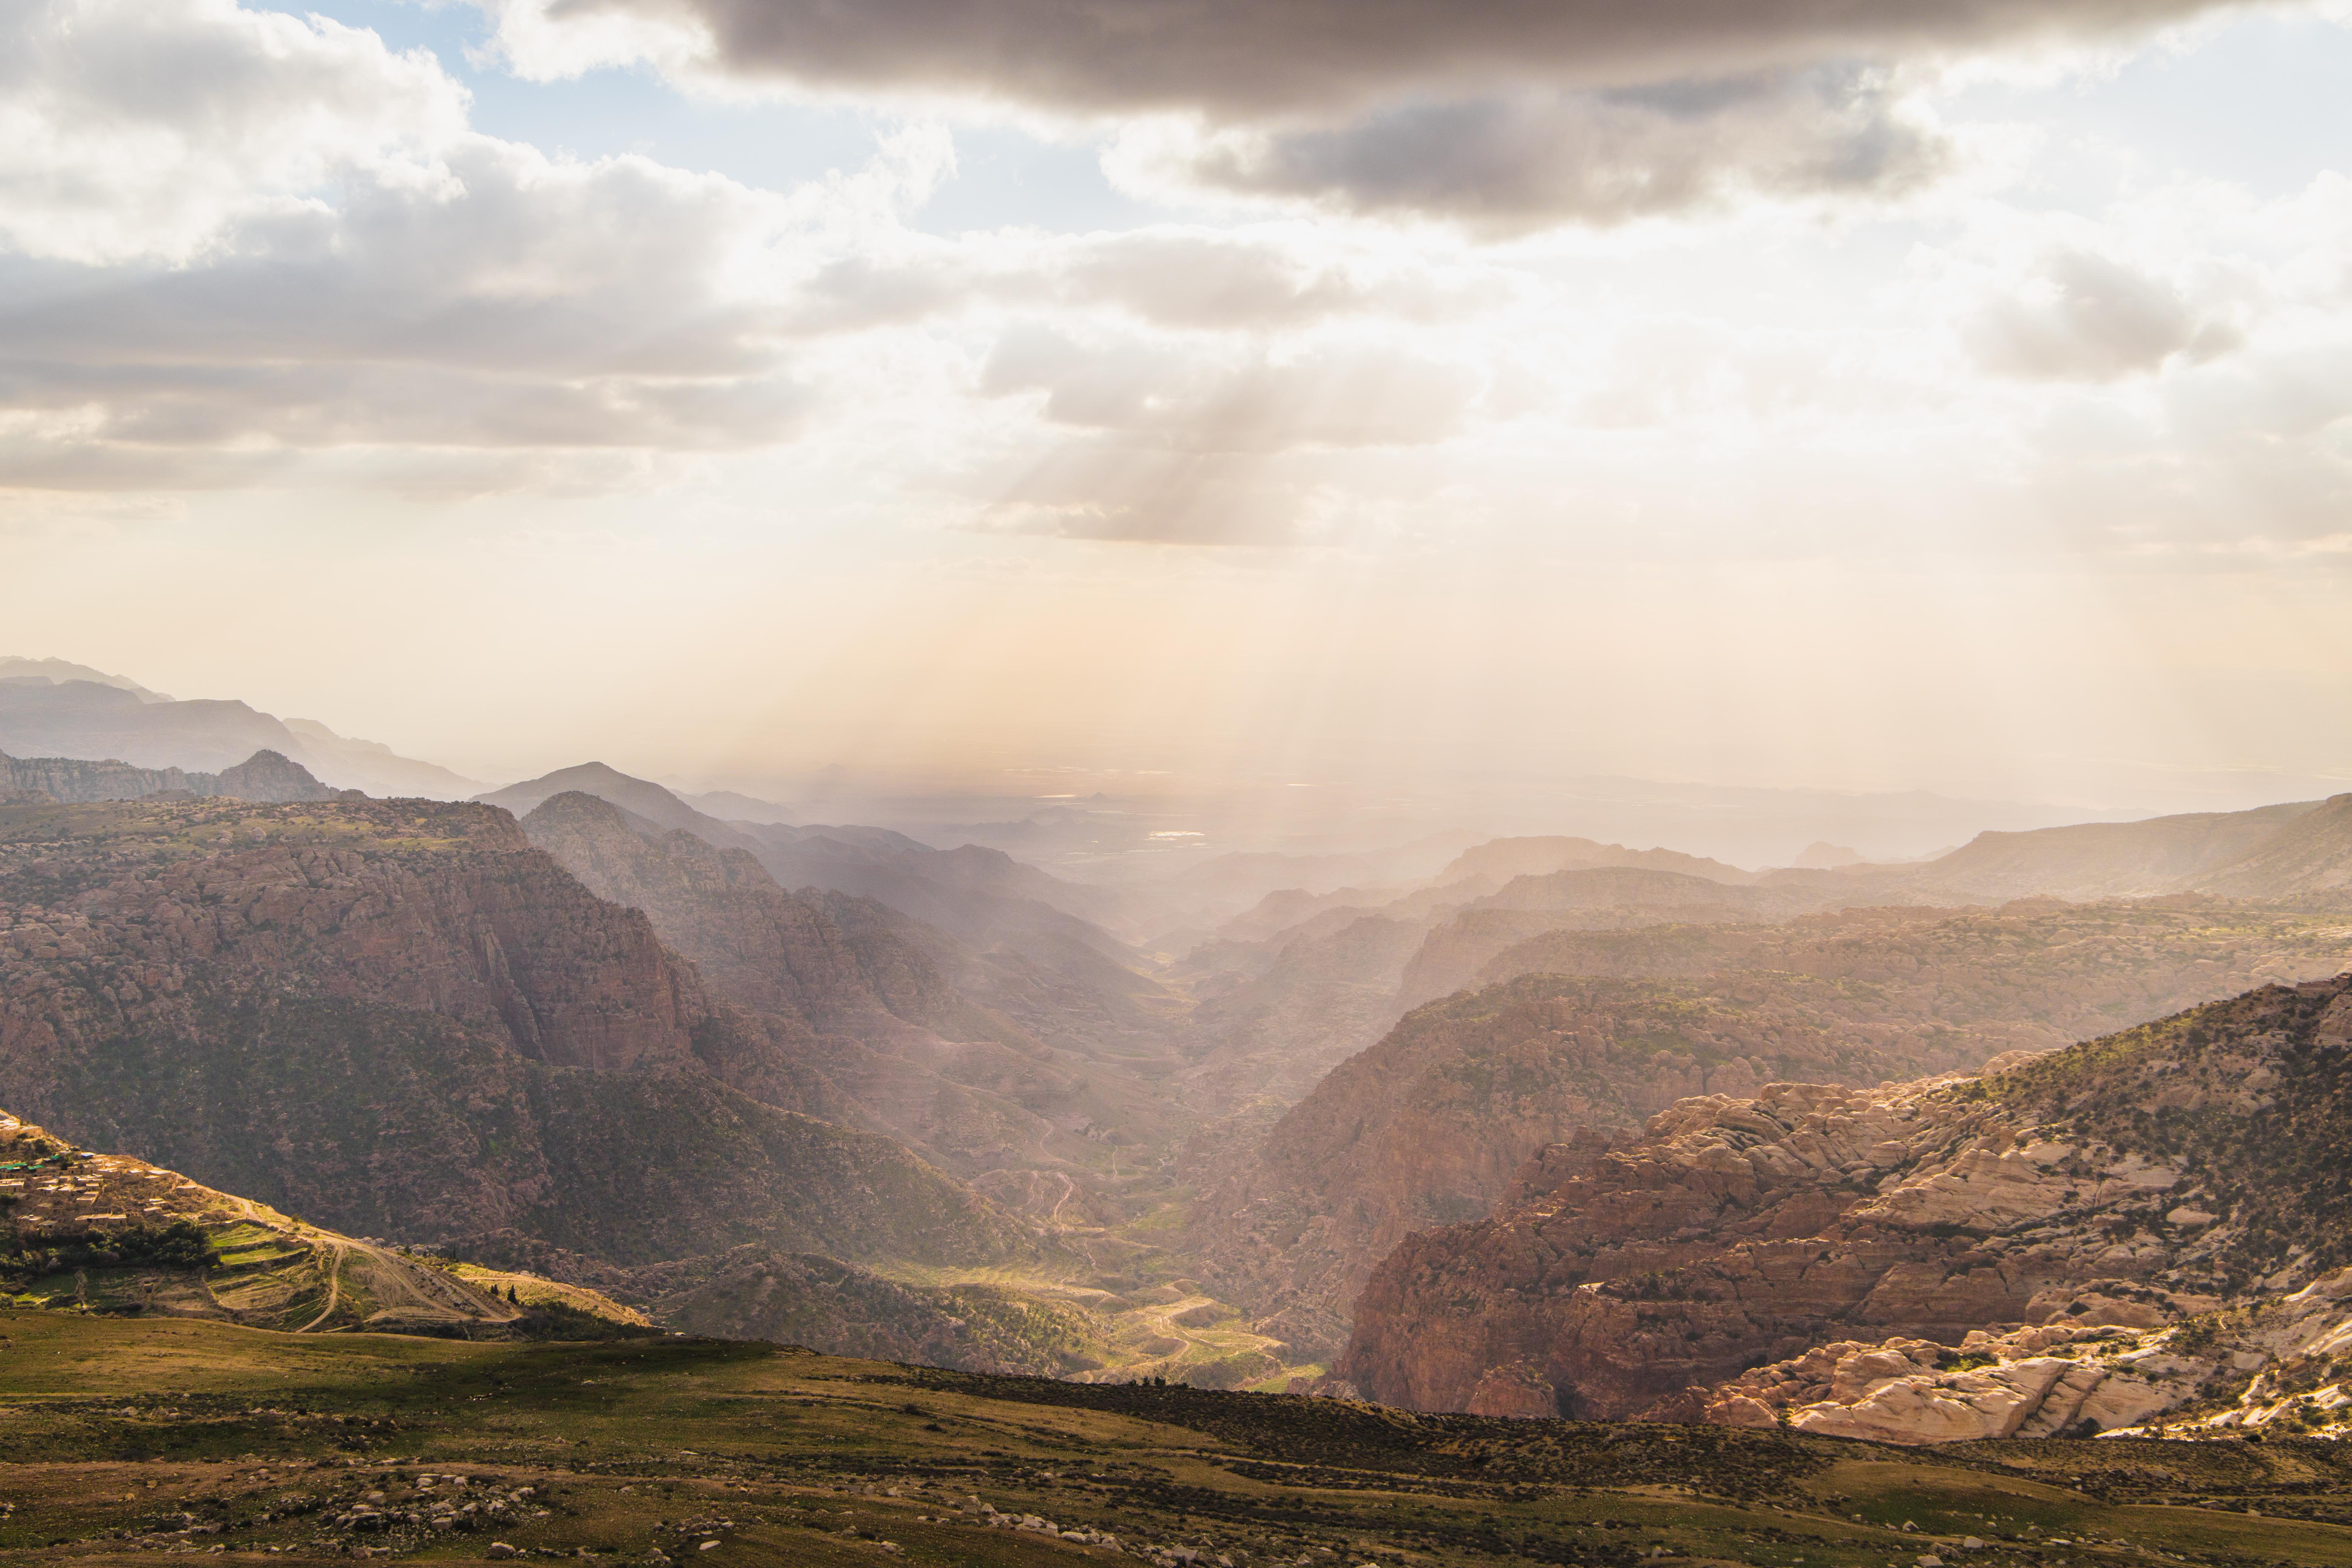 Réserve de Dana - Préparer son road trip en Jordanie